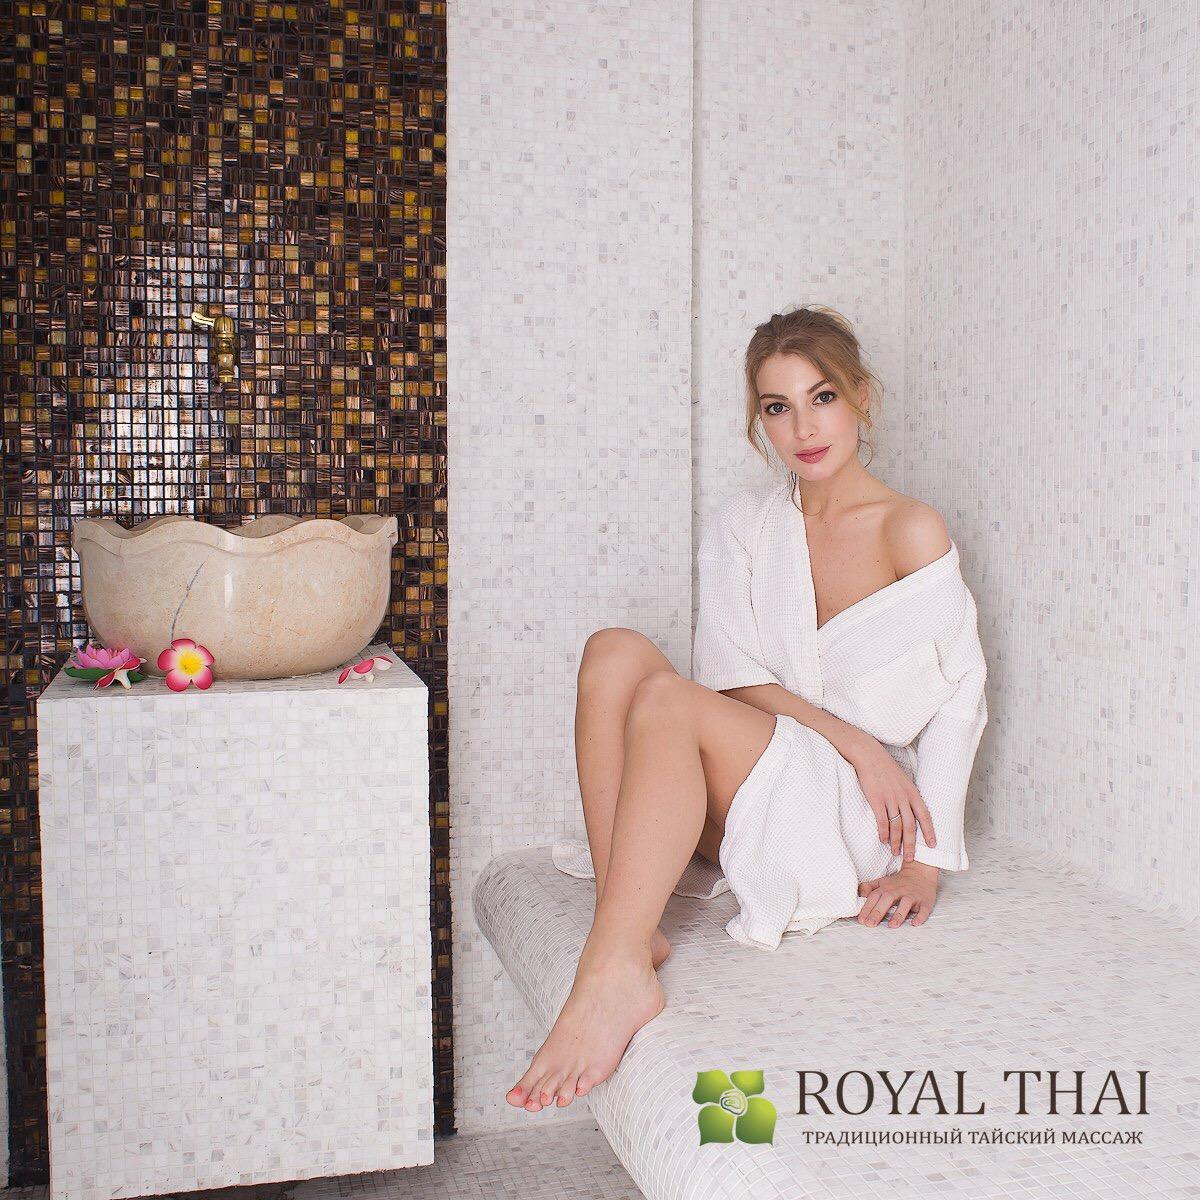 Салоны тайского массажа Royal Thai установили специальные цены на абонементы по коррекции фигуры